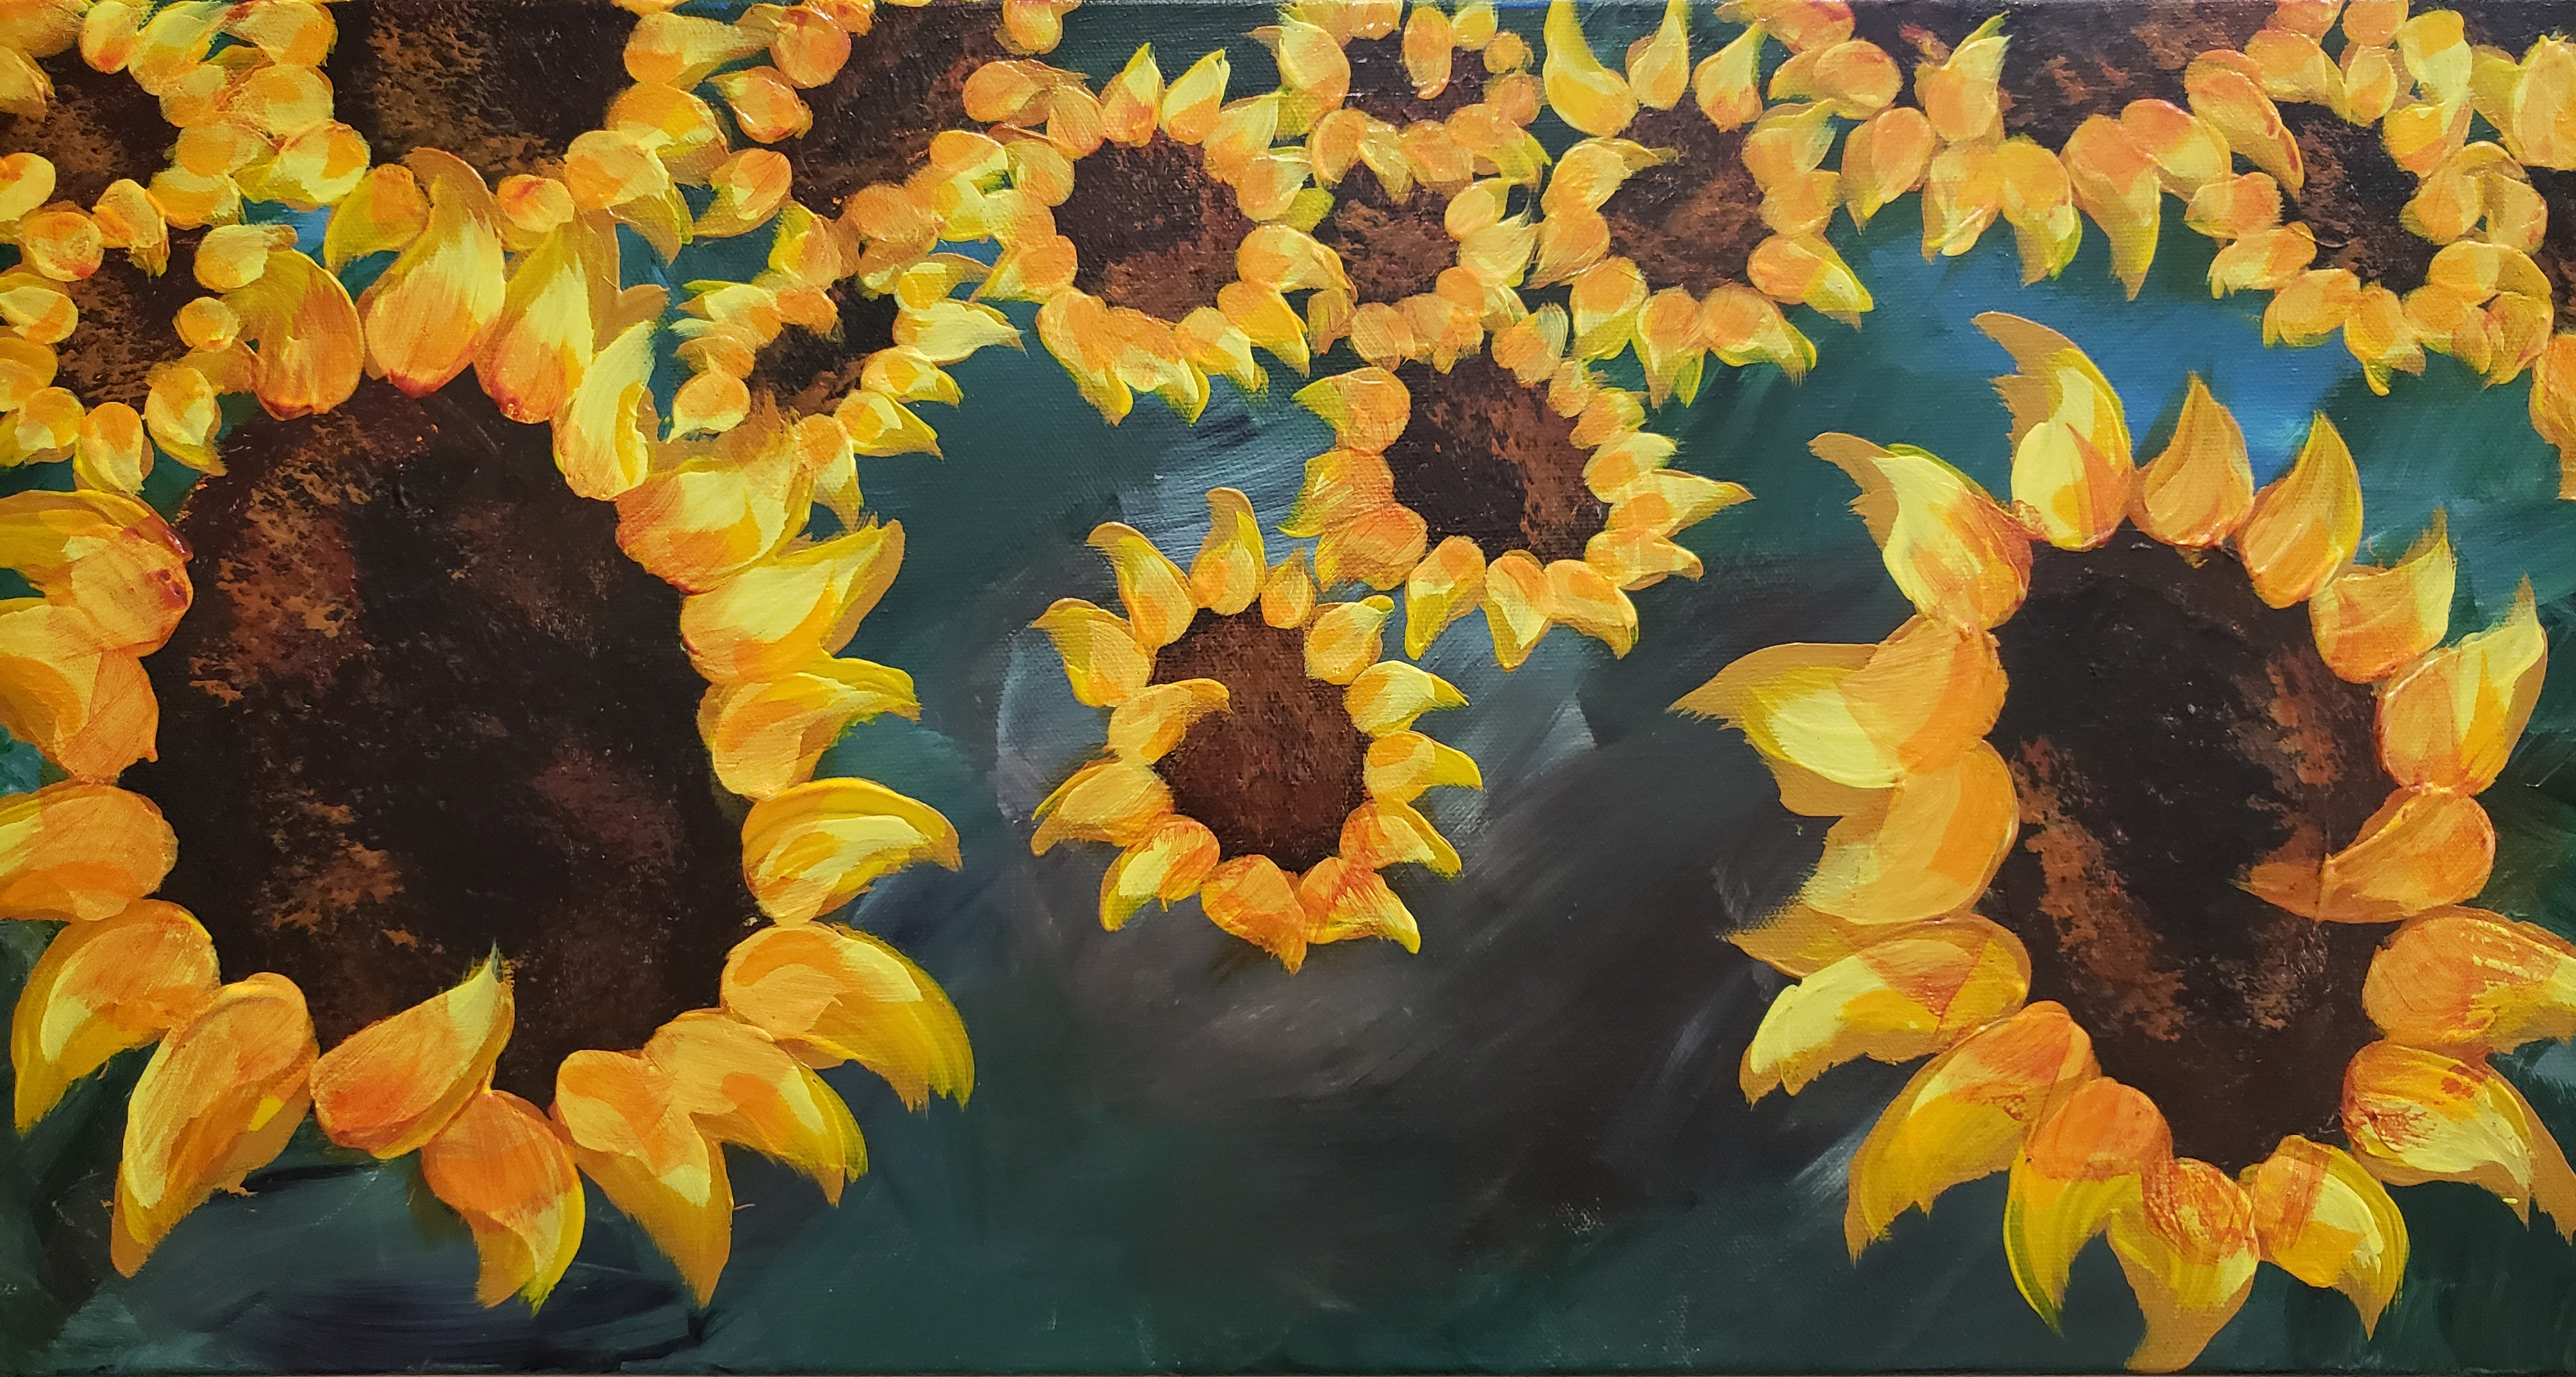 Kingfisher Sunflowers